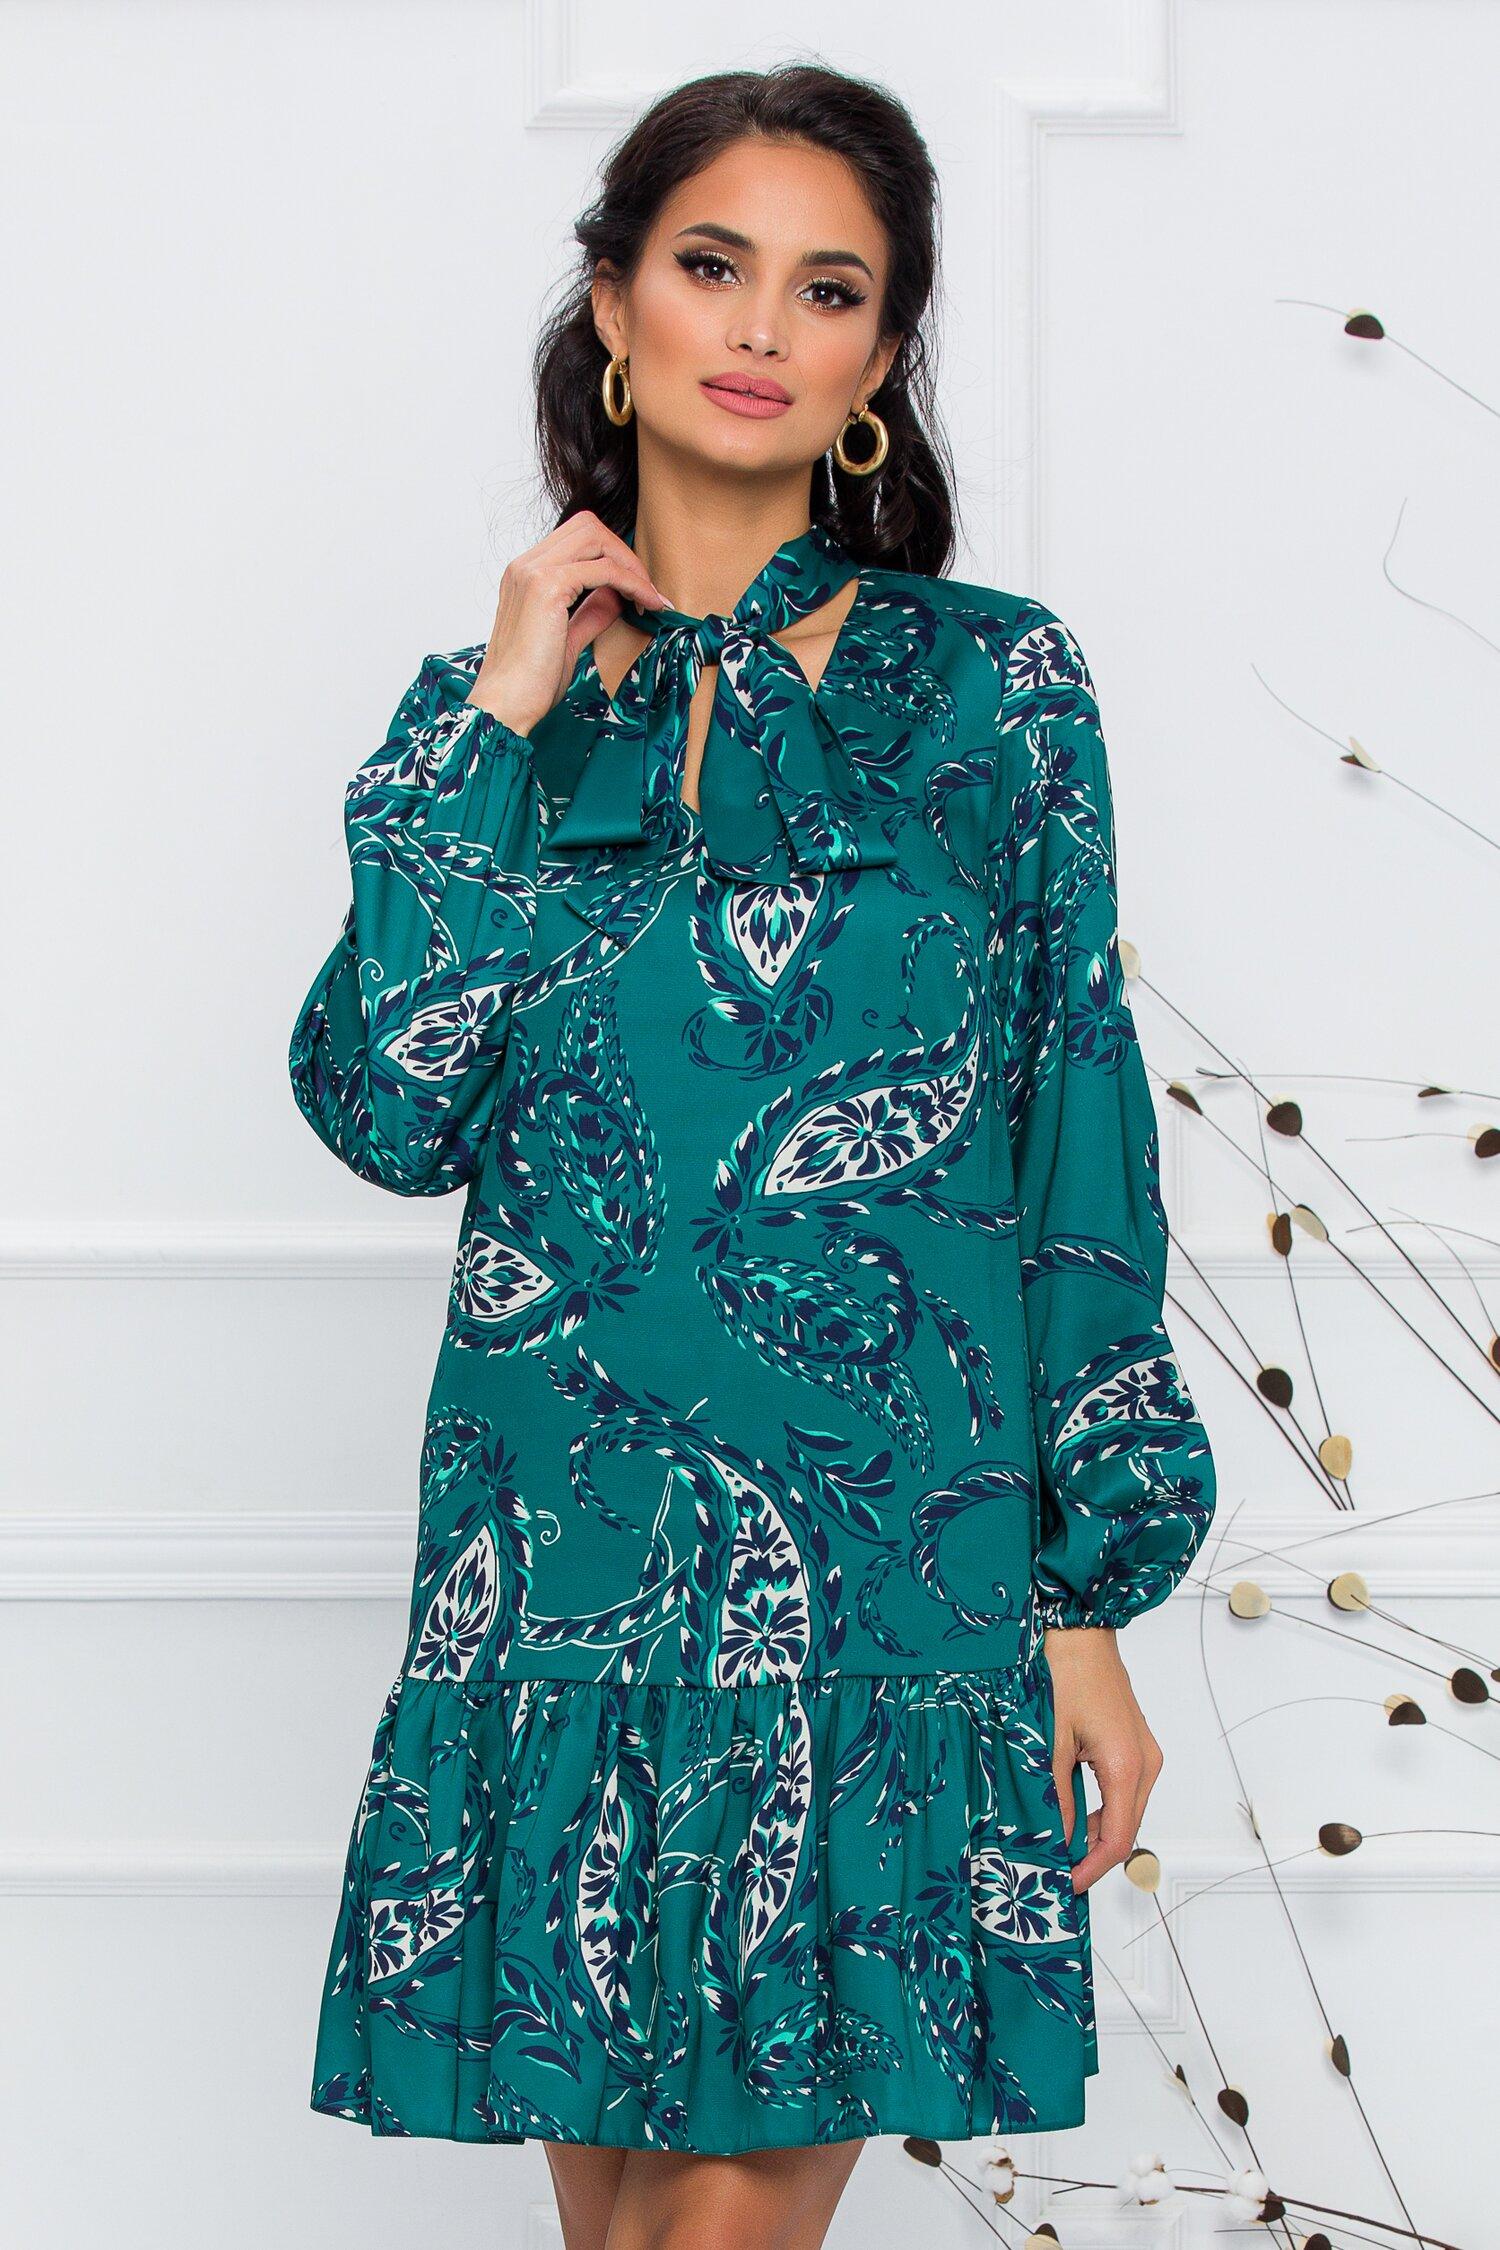 Rochie LaDonna by Catalin Botezatu verde smarald cu imprimeuri florale si guler tip esarfa